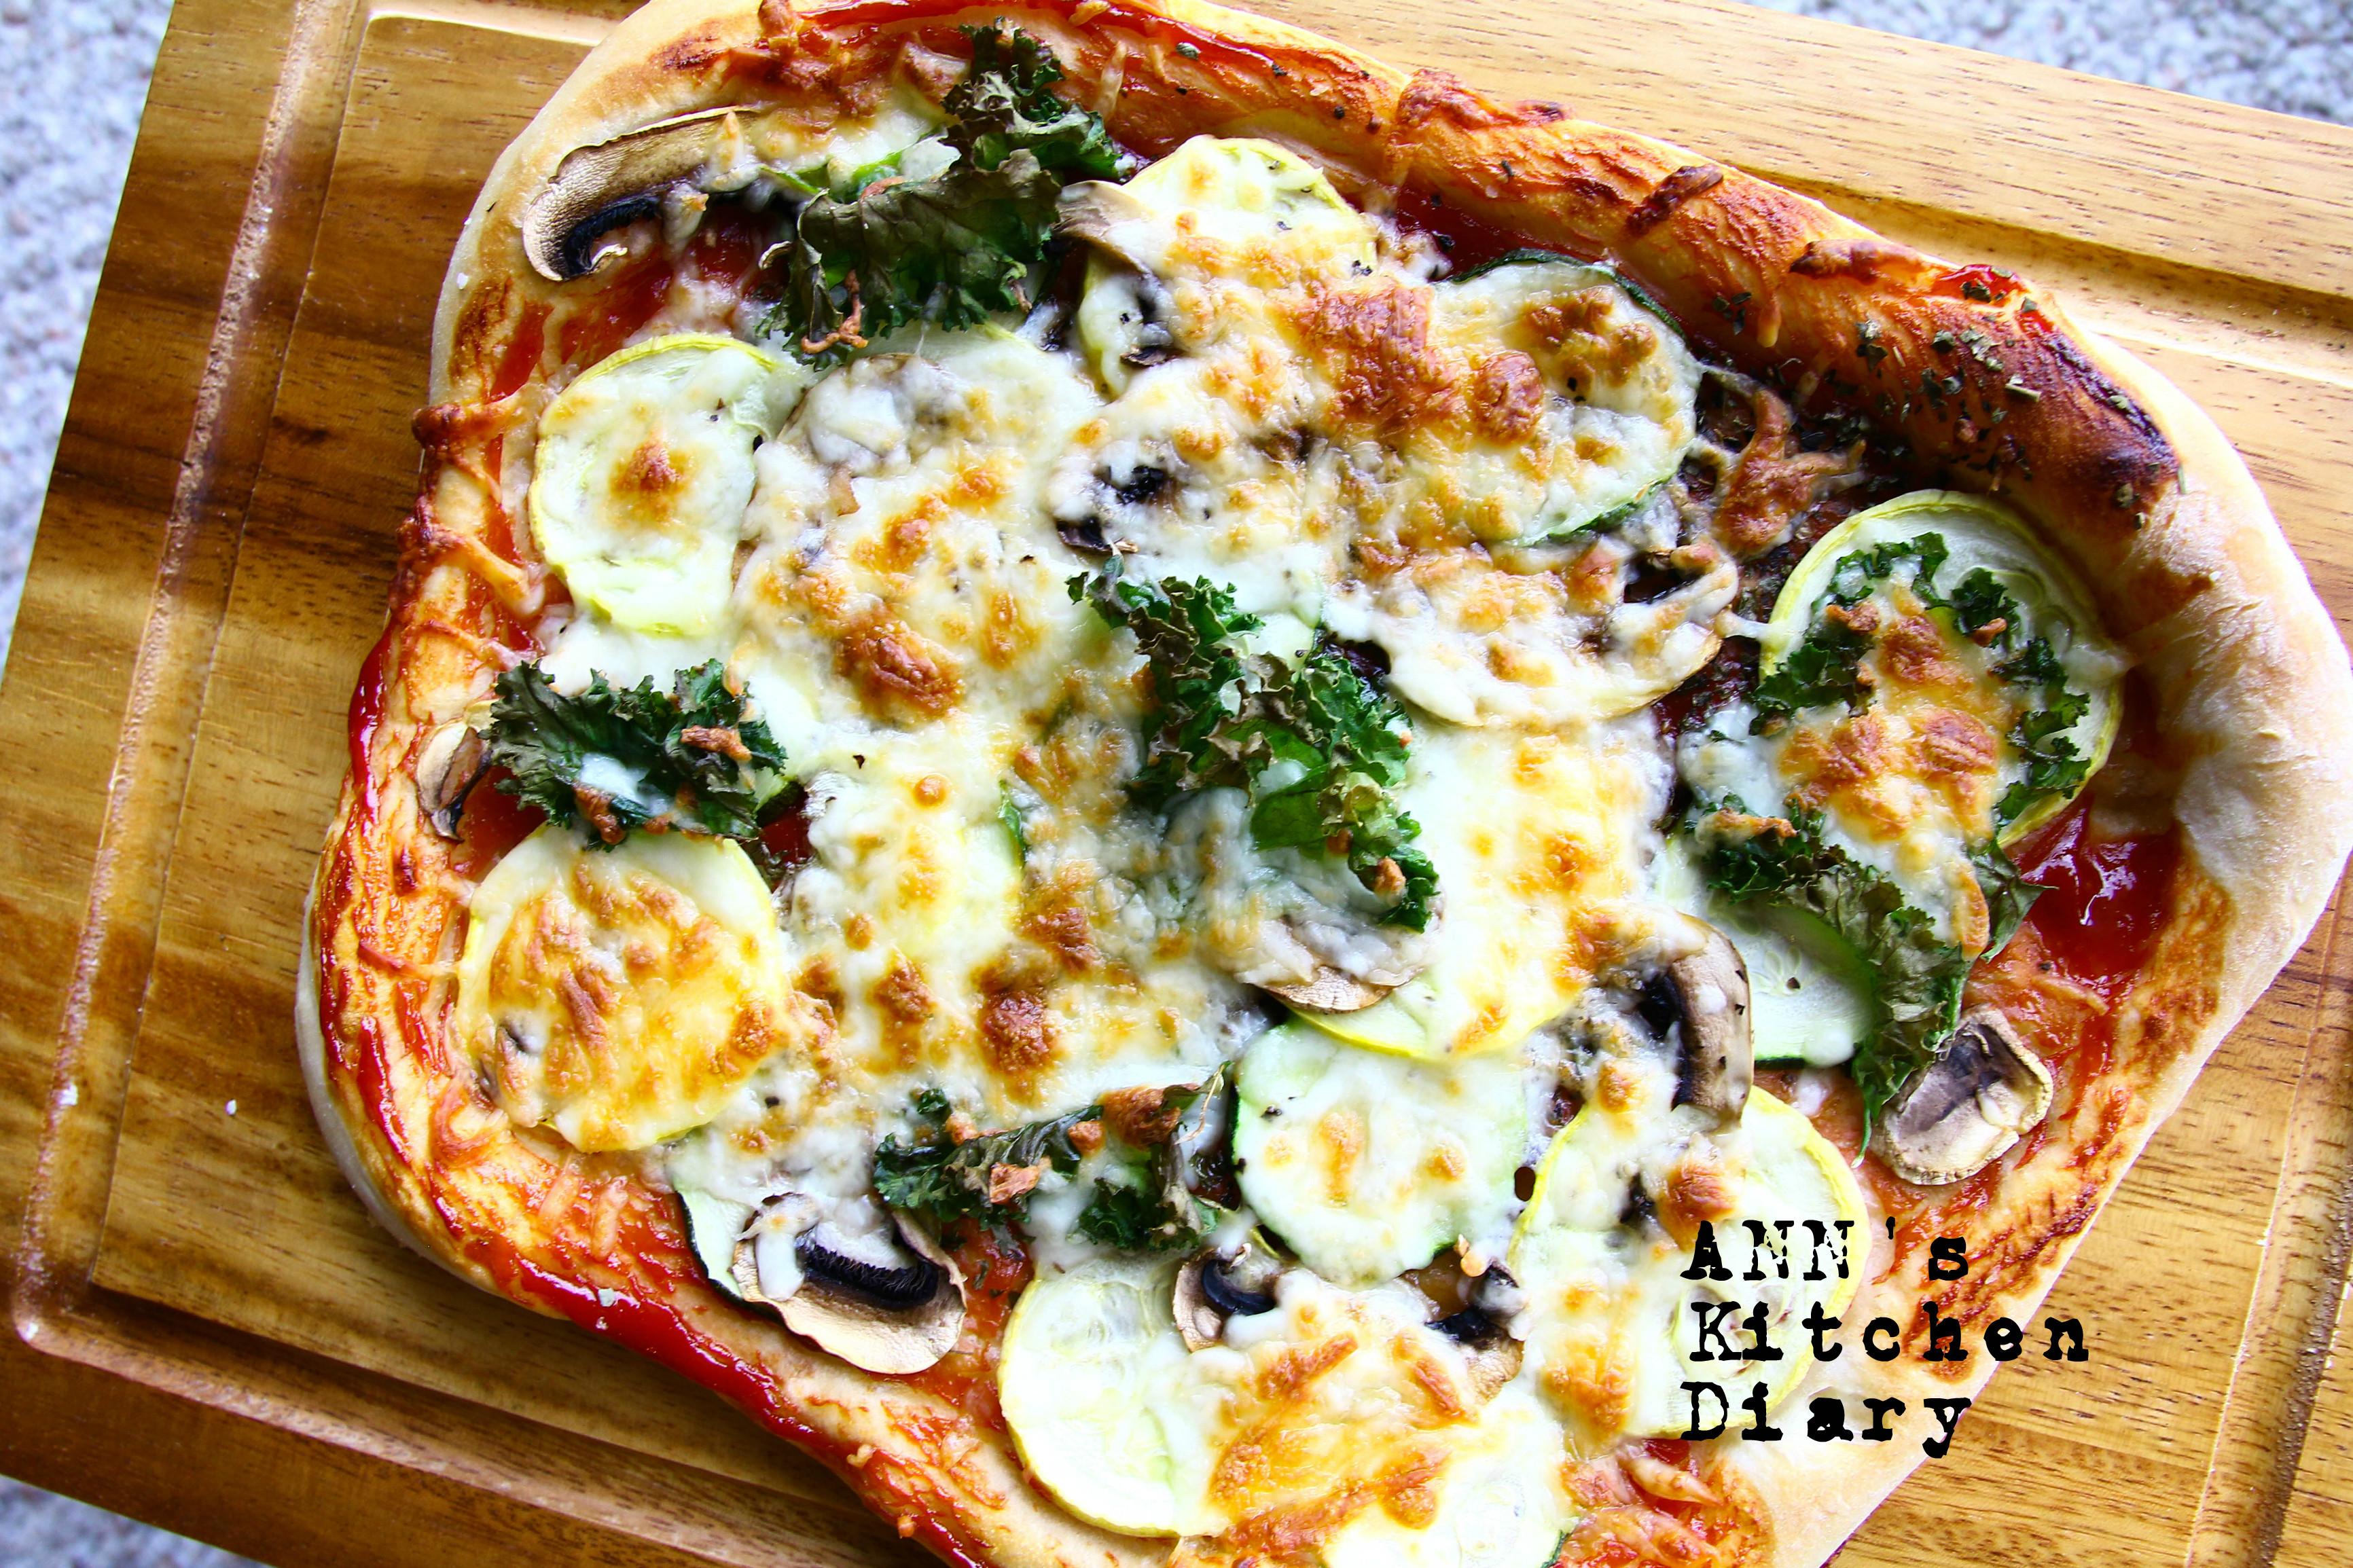 櫛瓜蘑菇羽衣甘藍披薩